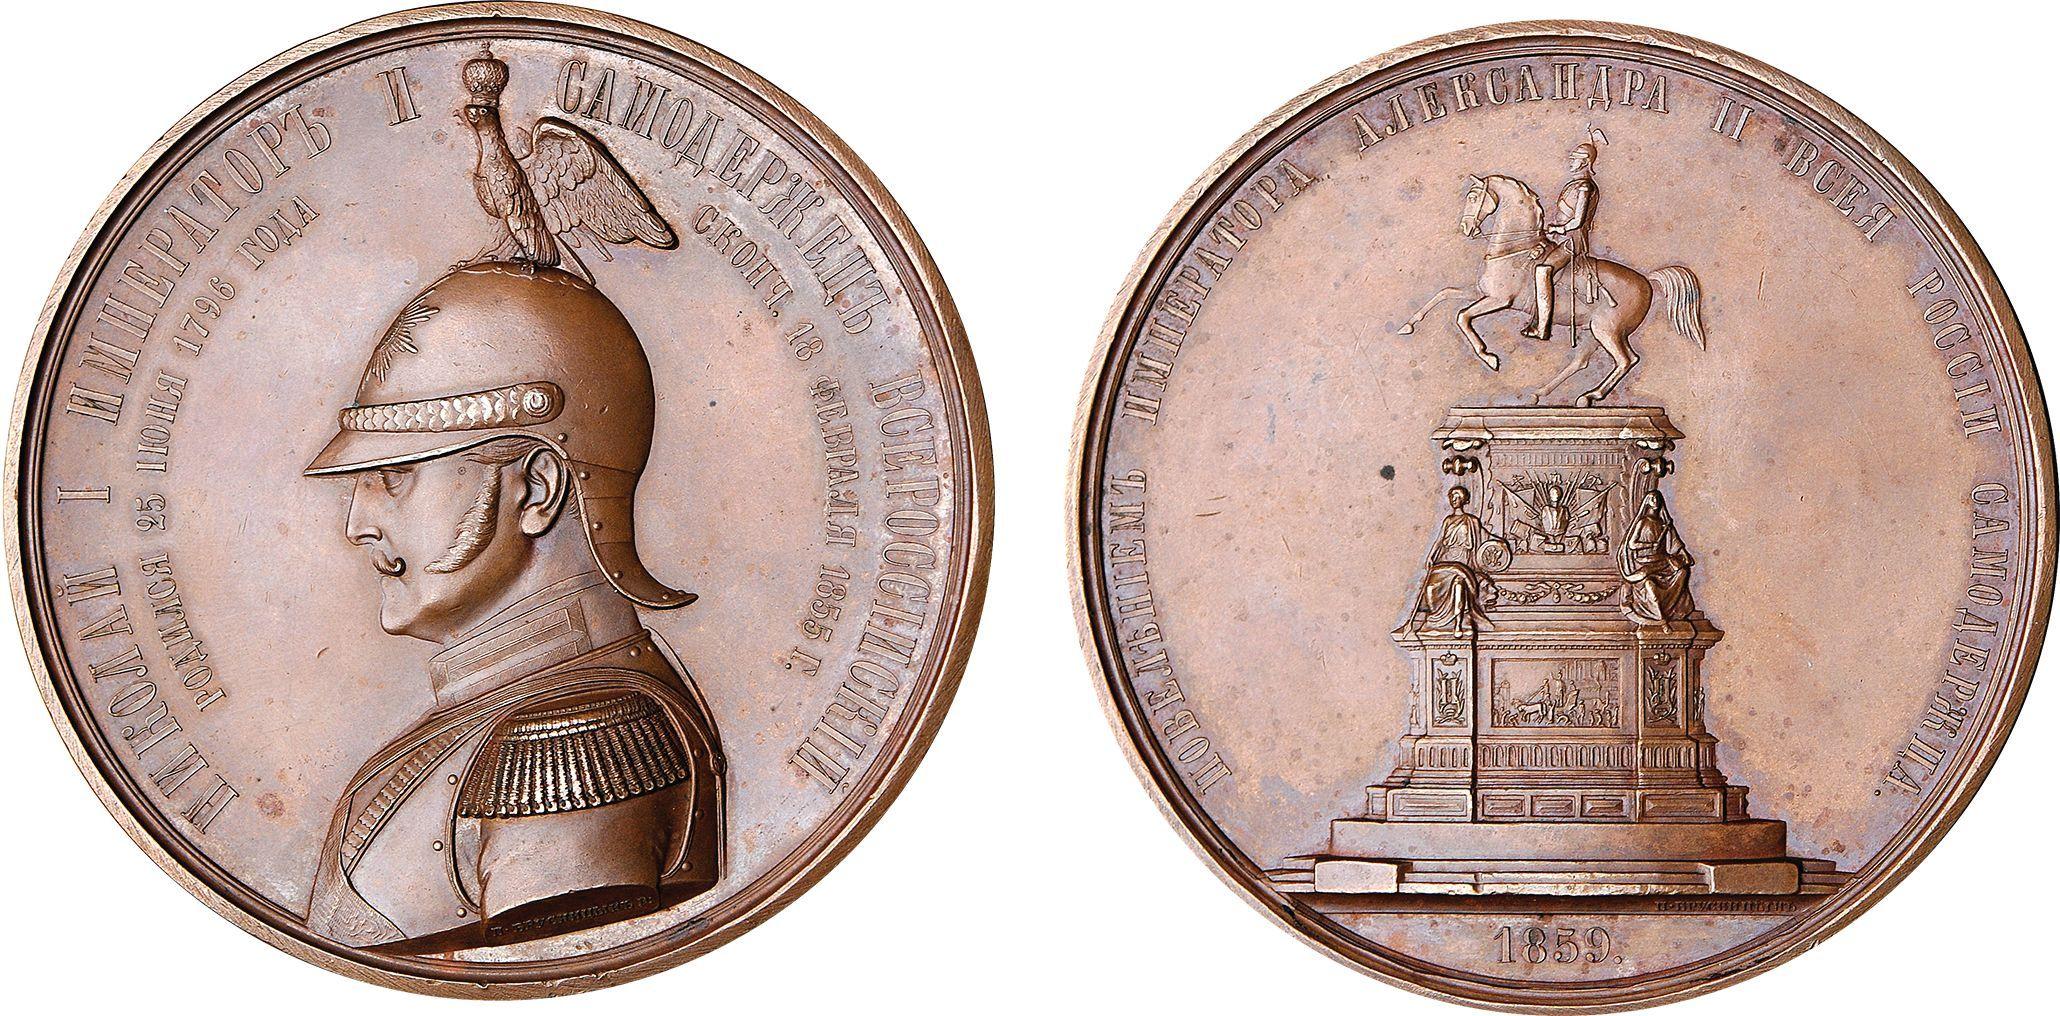 Настольная медаль «В память открытия памятника Императору Николаю I в Санкт-Петербурге. 1859 г.»